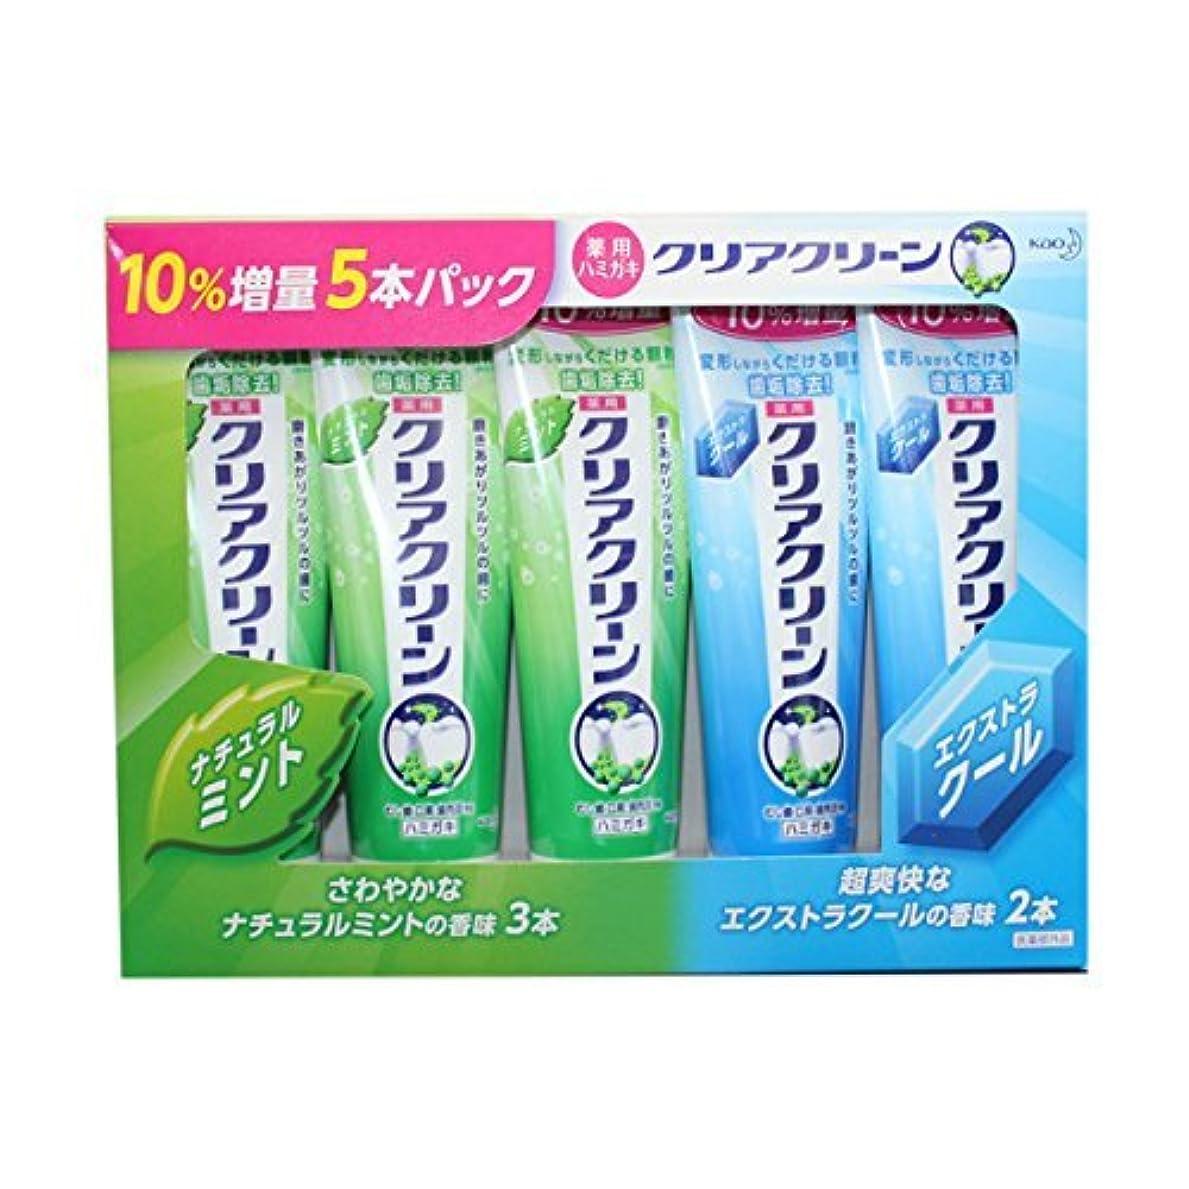 に賛成早く下クリアクリーン 143gx5本セット(ナチュラルミントx3/エクストラクールx2) 10%増量セット 歯磨き粉